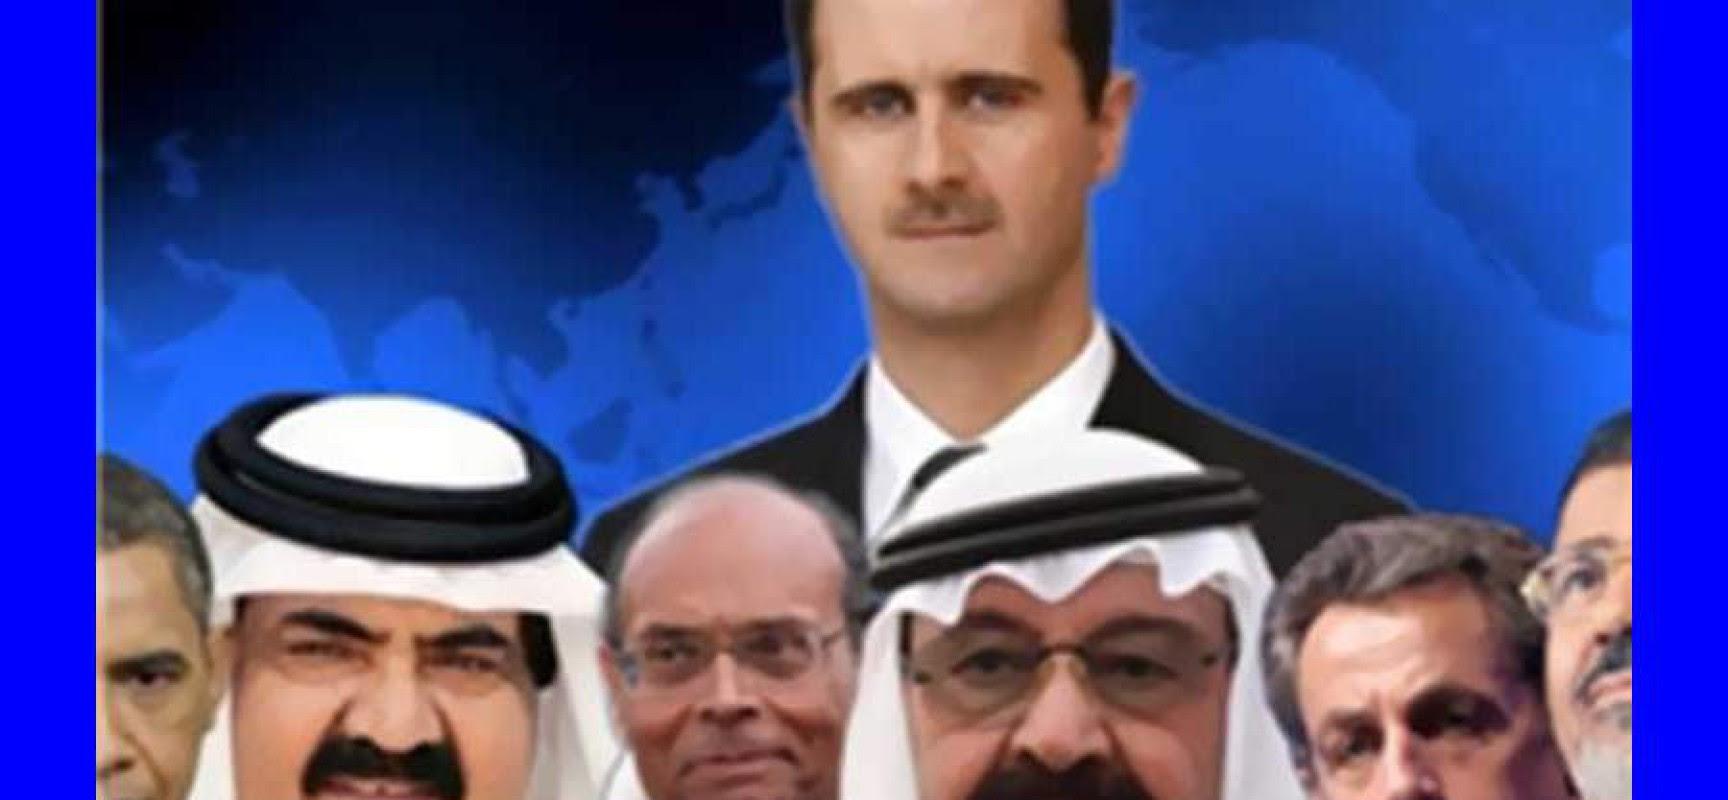 Nombre de présidents qui souhaitaient le départ de Assad ont quitté le pouvoir